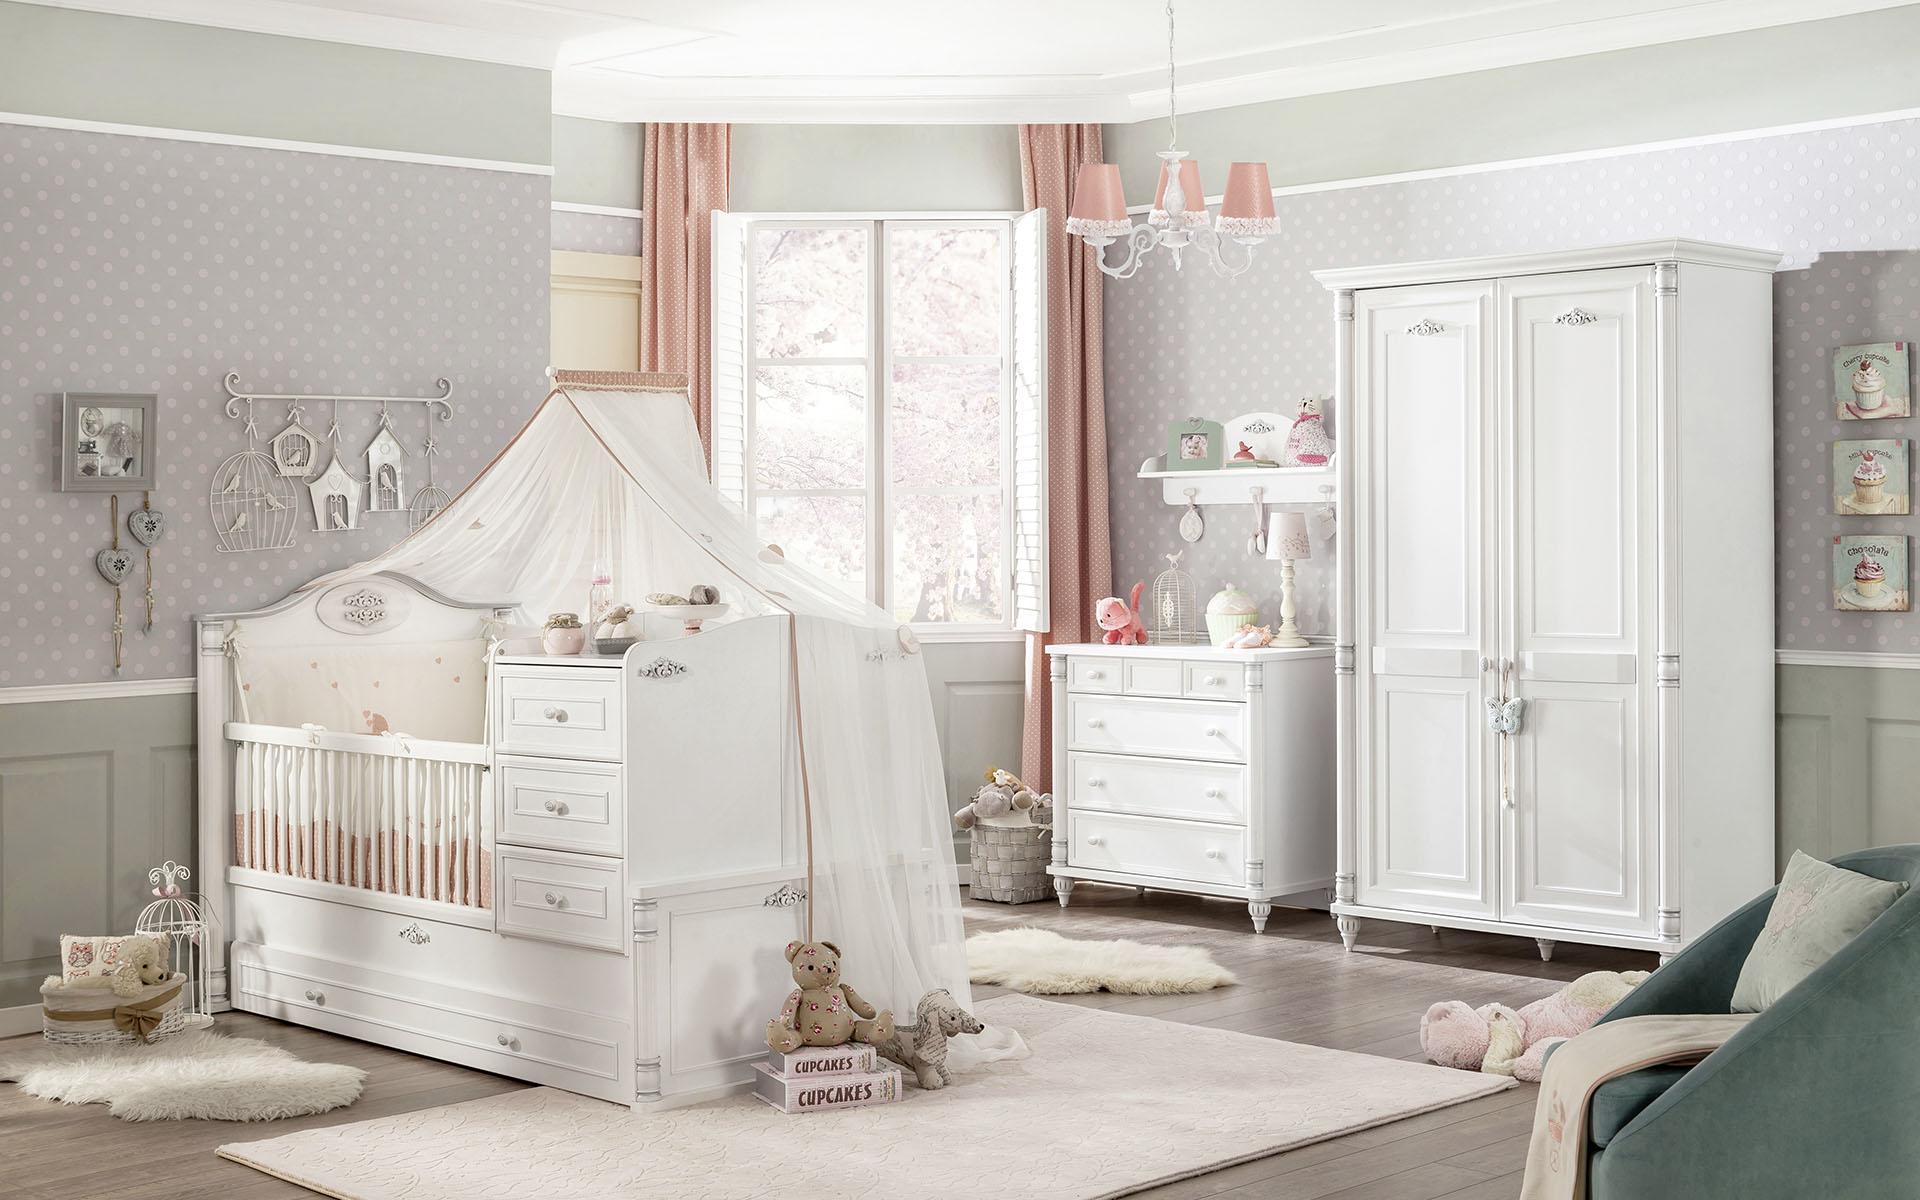 Außergewöhnliche babyzimmer set  Außergewöhnliche Babyzimmer Set | afdecker.com